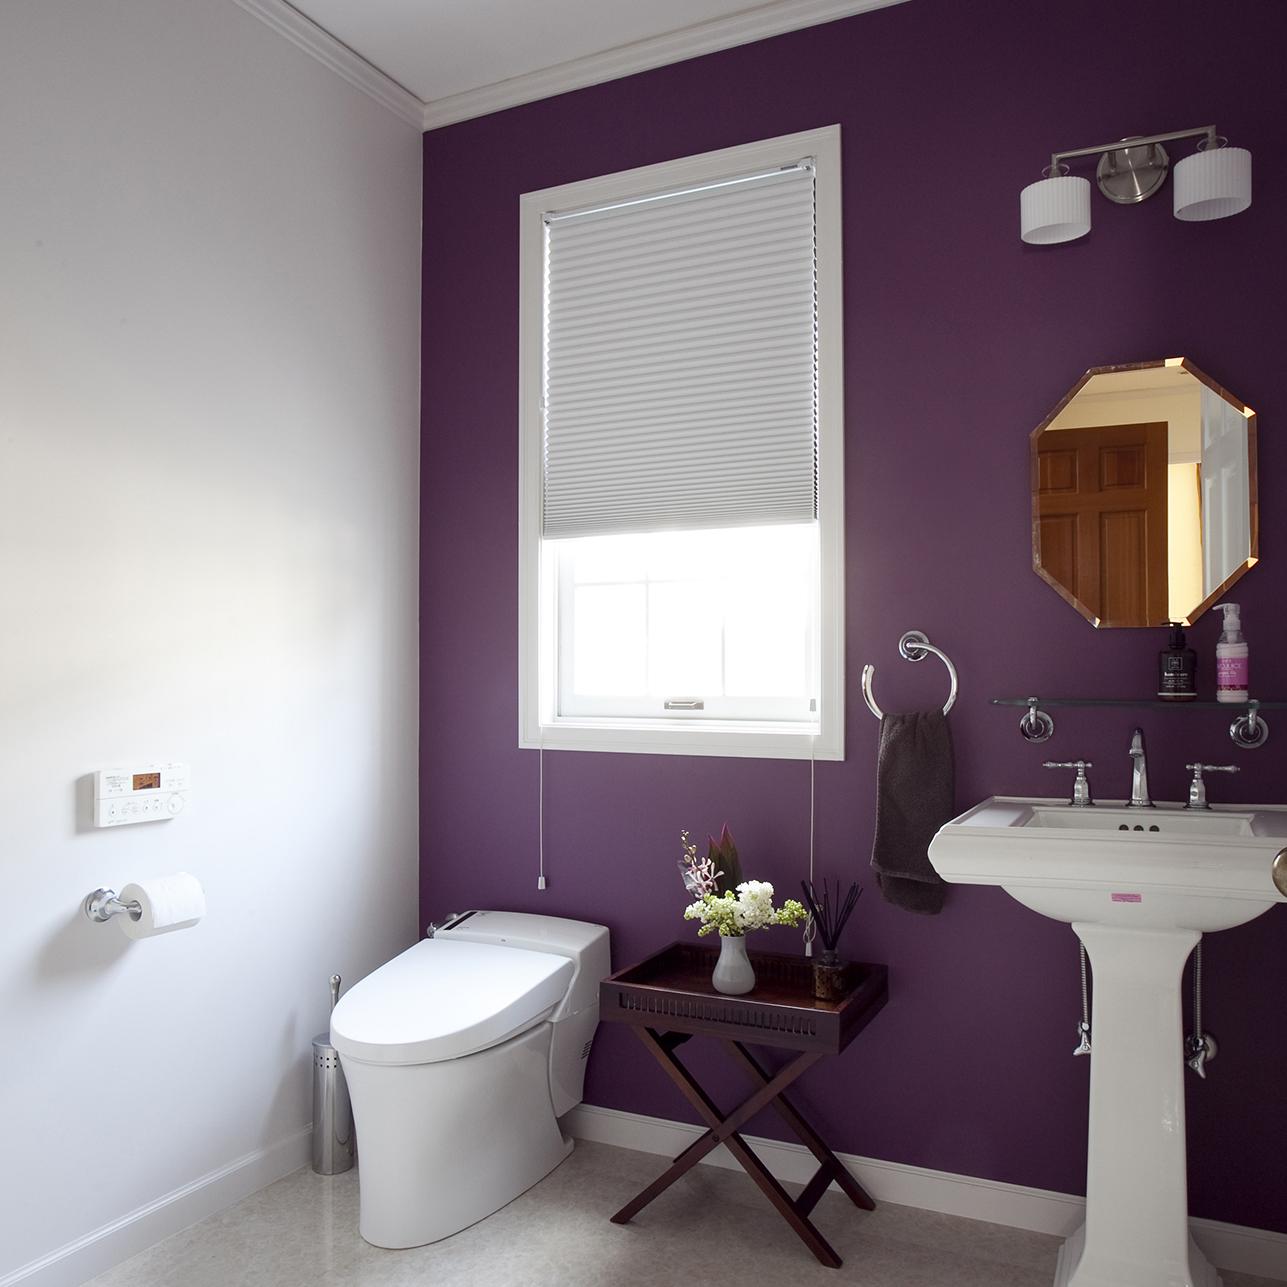 室内の壁を簡単にdiyしたい 壁紙を張る ペンキを塗る どちらが簡単 壁のhowto 壁のdiy専門店ウォールデコレーションストア